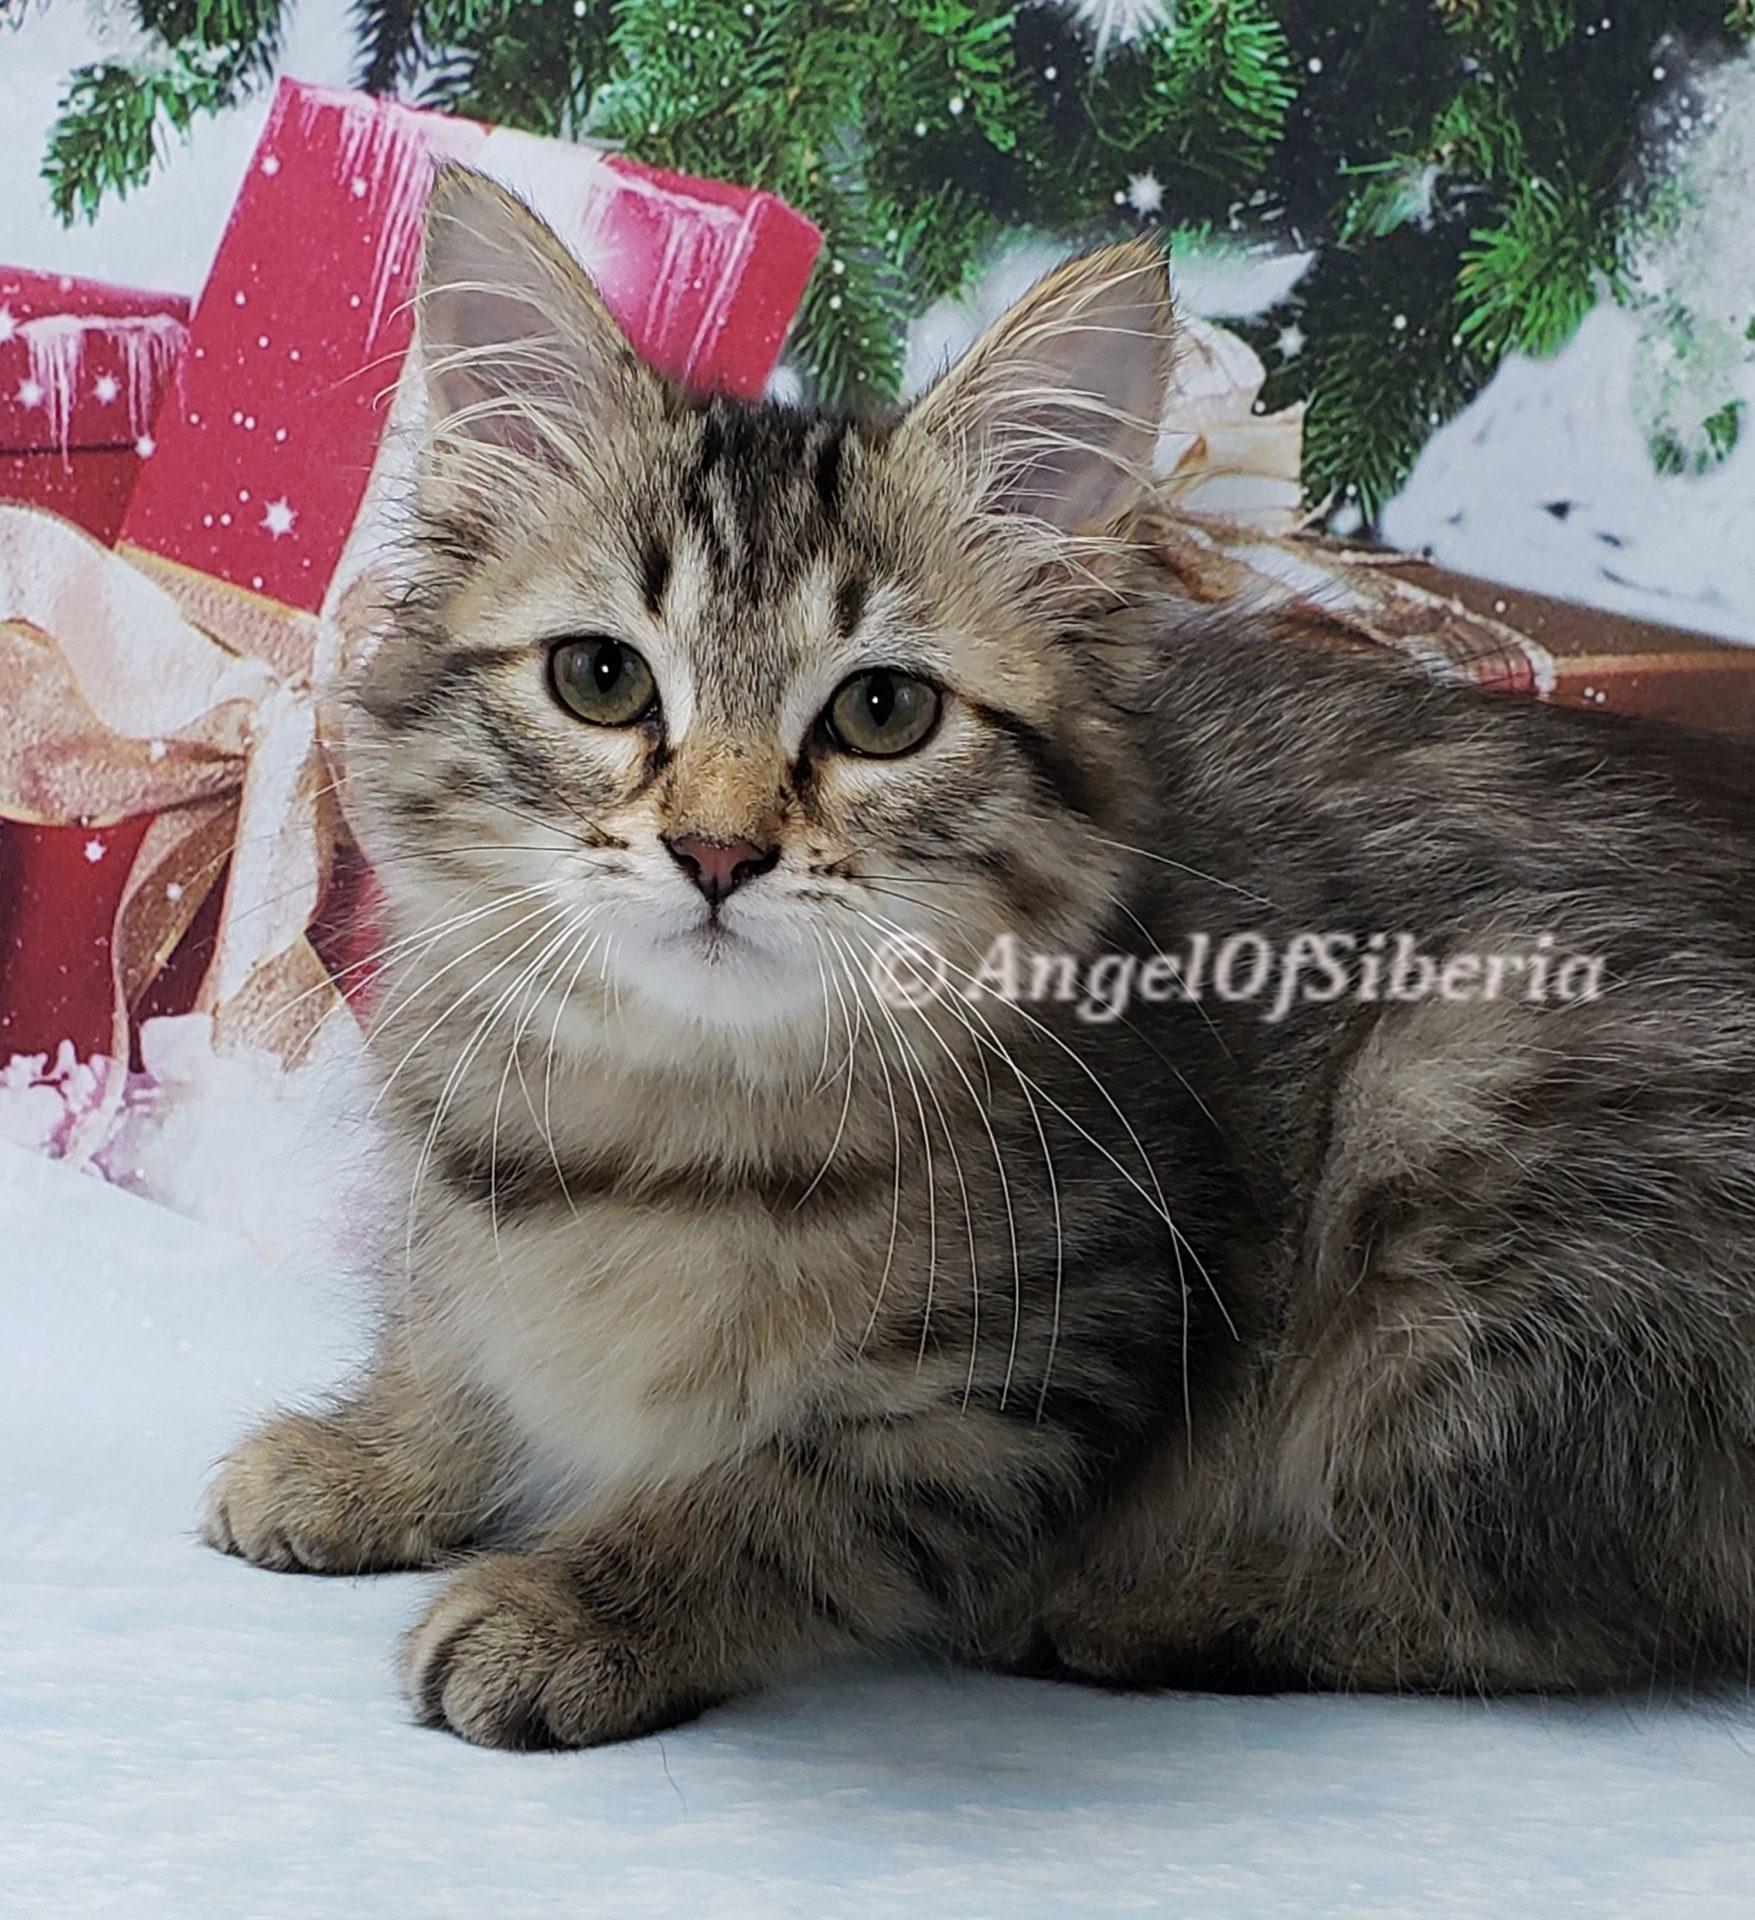 hypoallergenic kittens, hypoallergenic cats, Siberian cats, Siberian kittens, traditional Siberian cat - Angel of Siberia